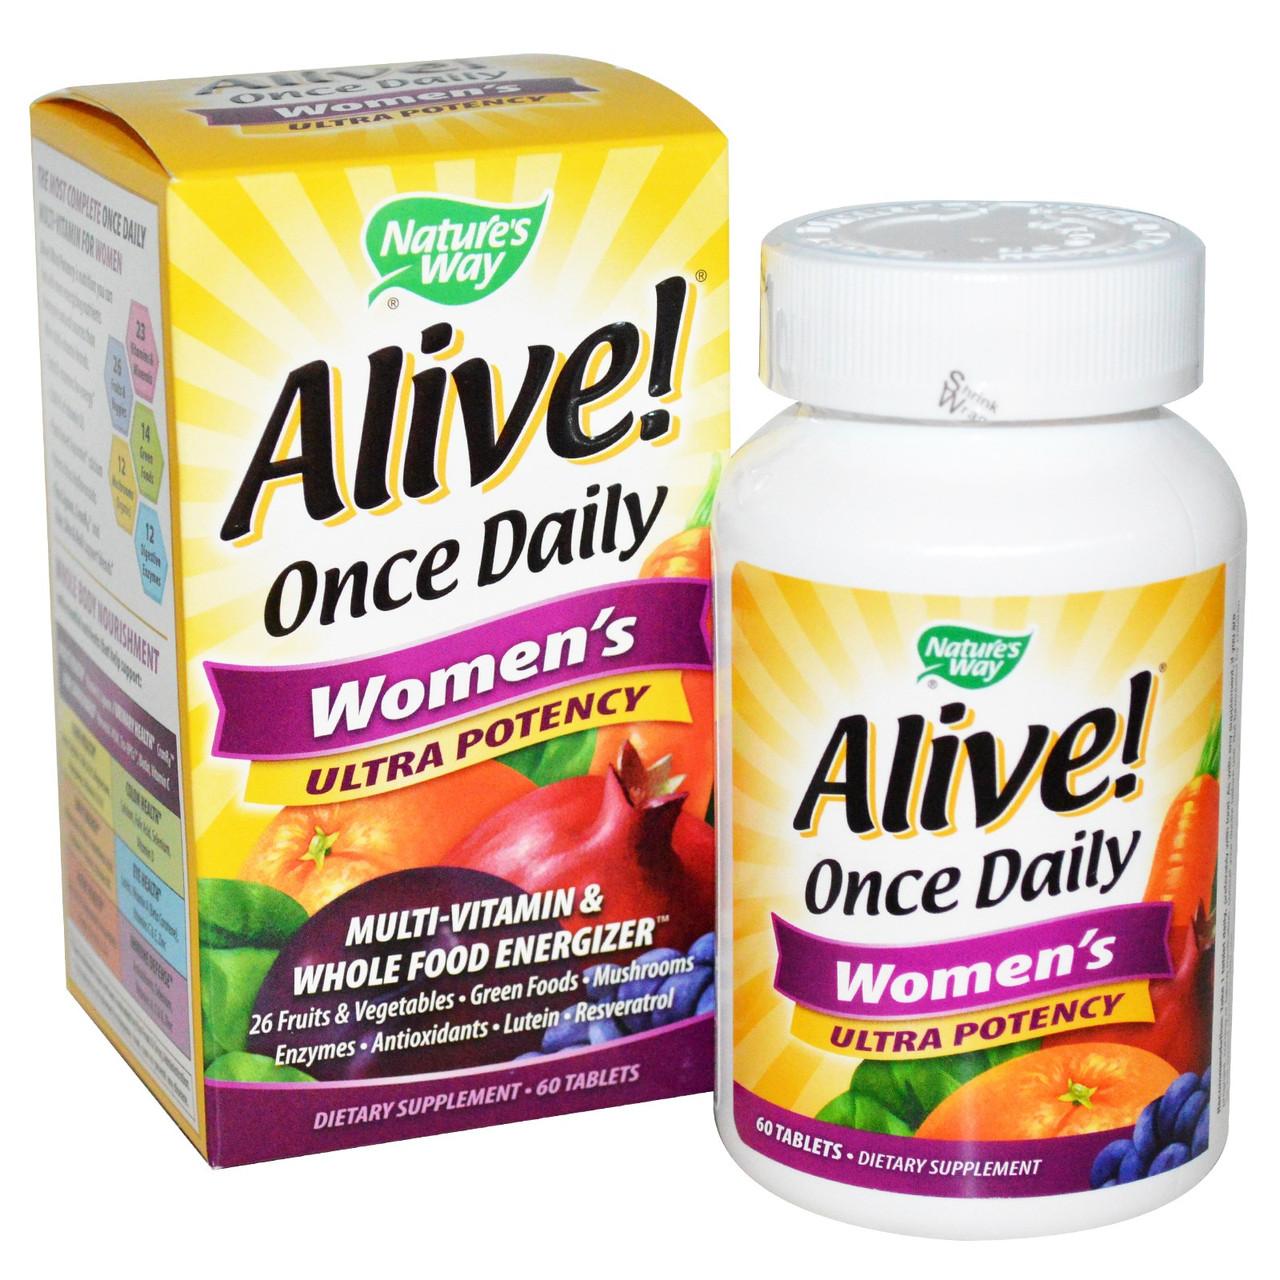 Мультивитаминный комплекс для женщин Alive! Ultra Potency, 1 таблетка в день. Сделано в США., фото 1